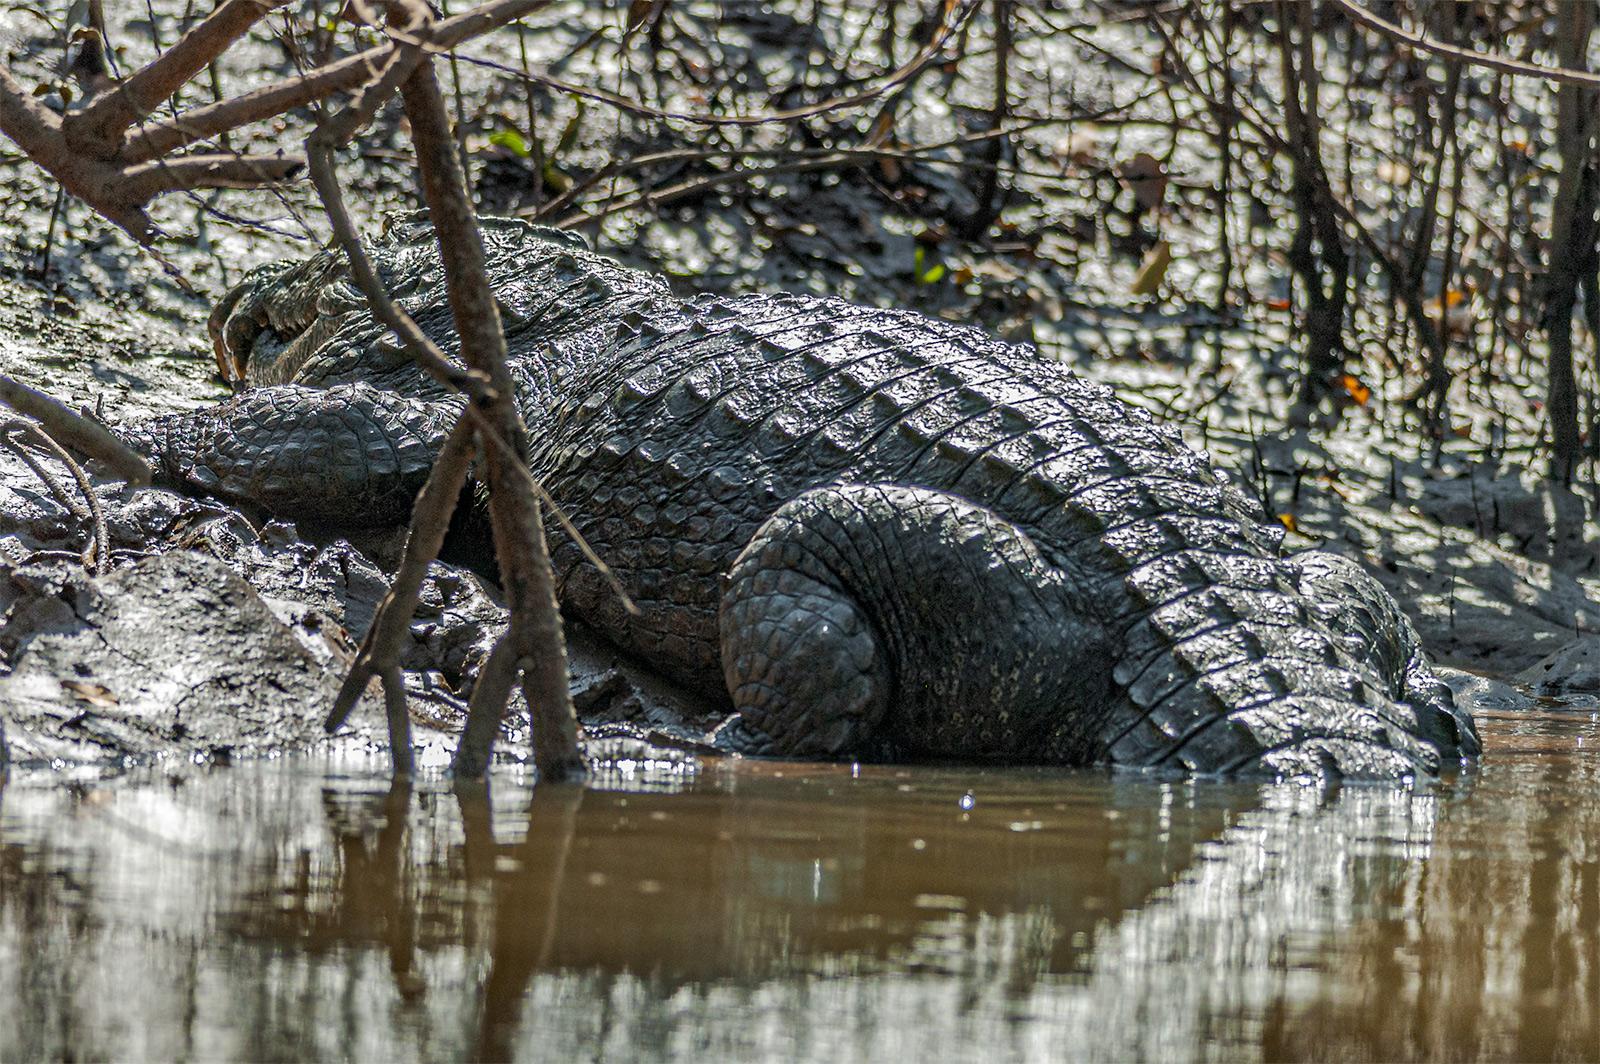 Fresh water crocodile in Cumbarjua Canal, Goa 2006.